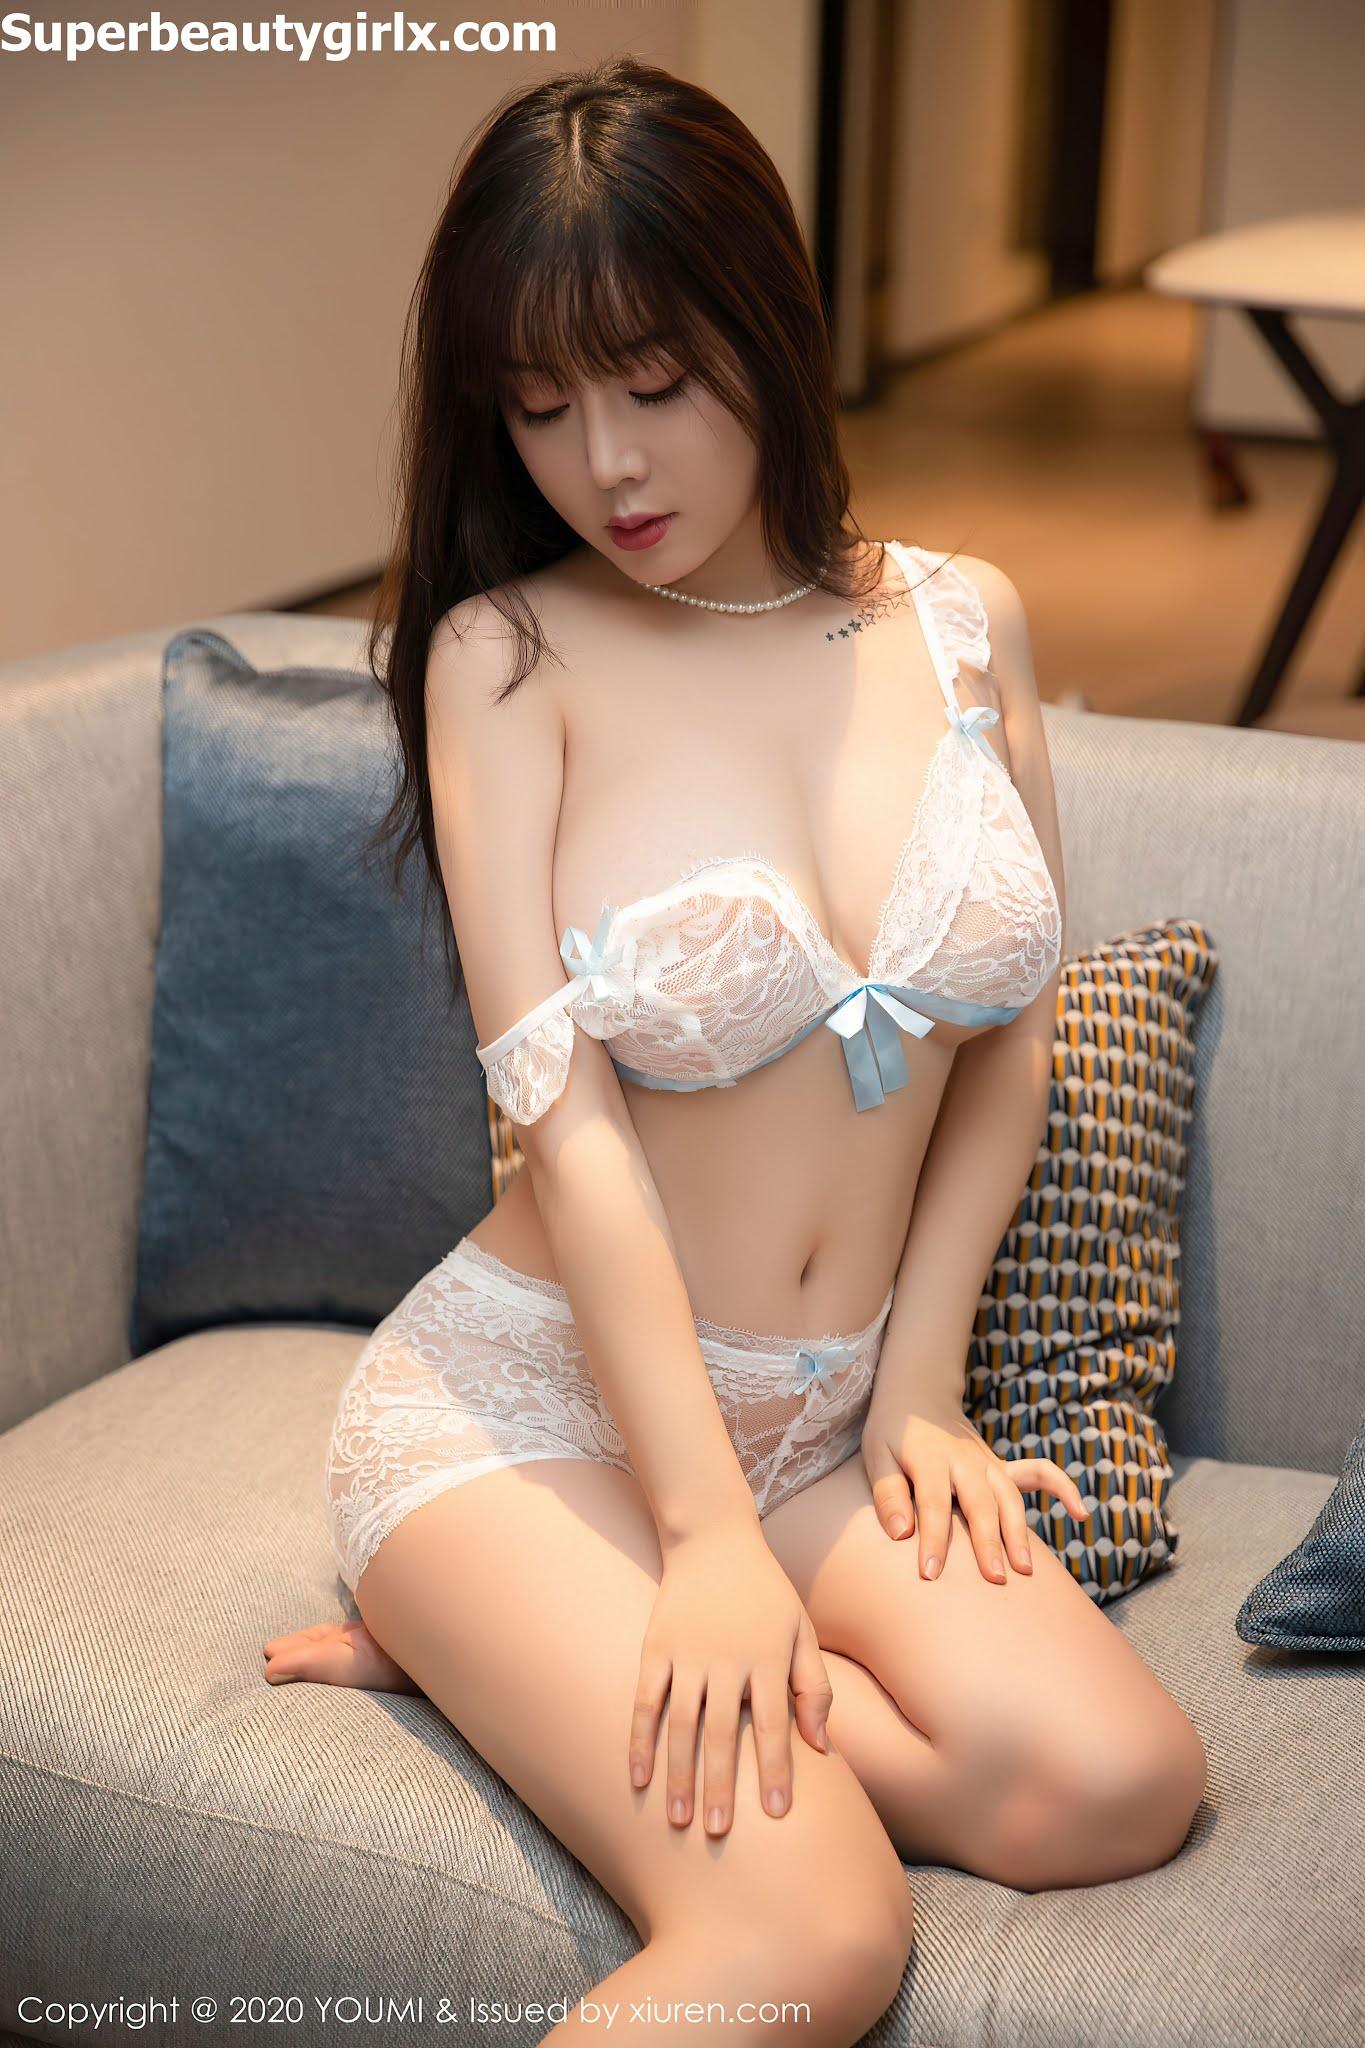 YouMi-Vol.569-Wang-Yu-Chun-Superbeautygirlx.com